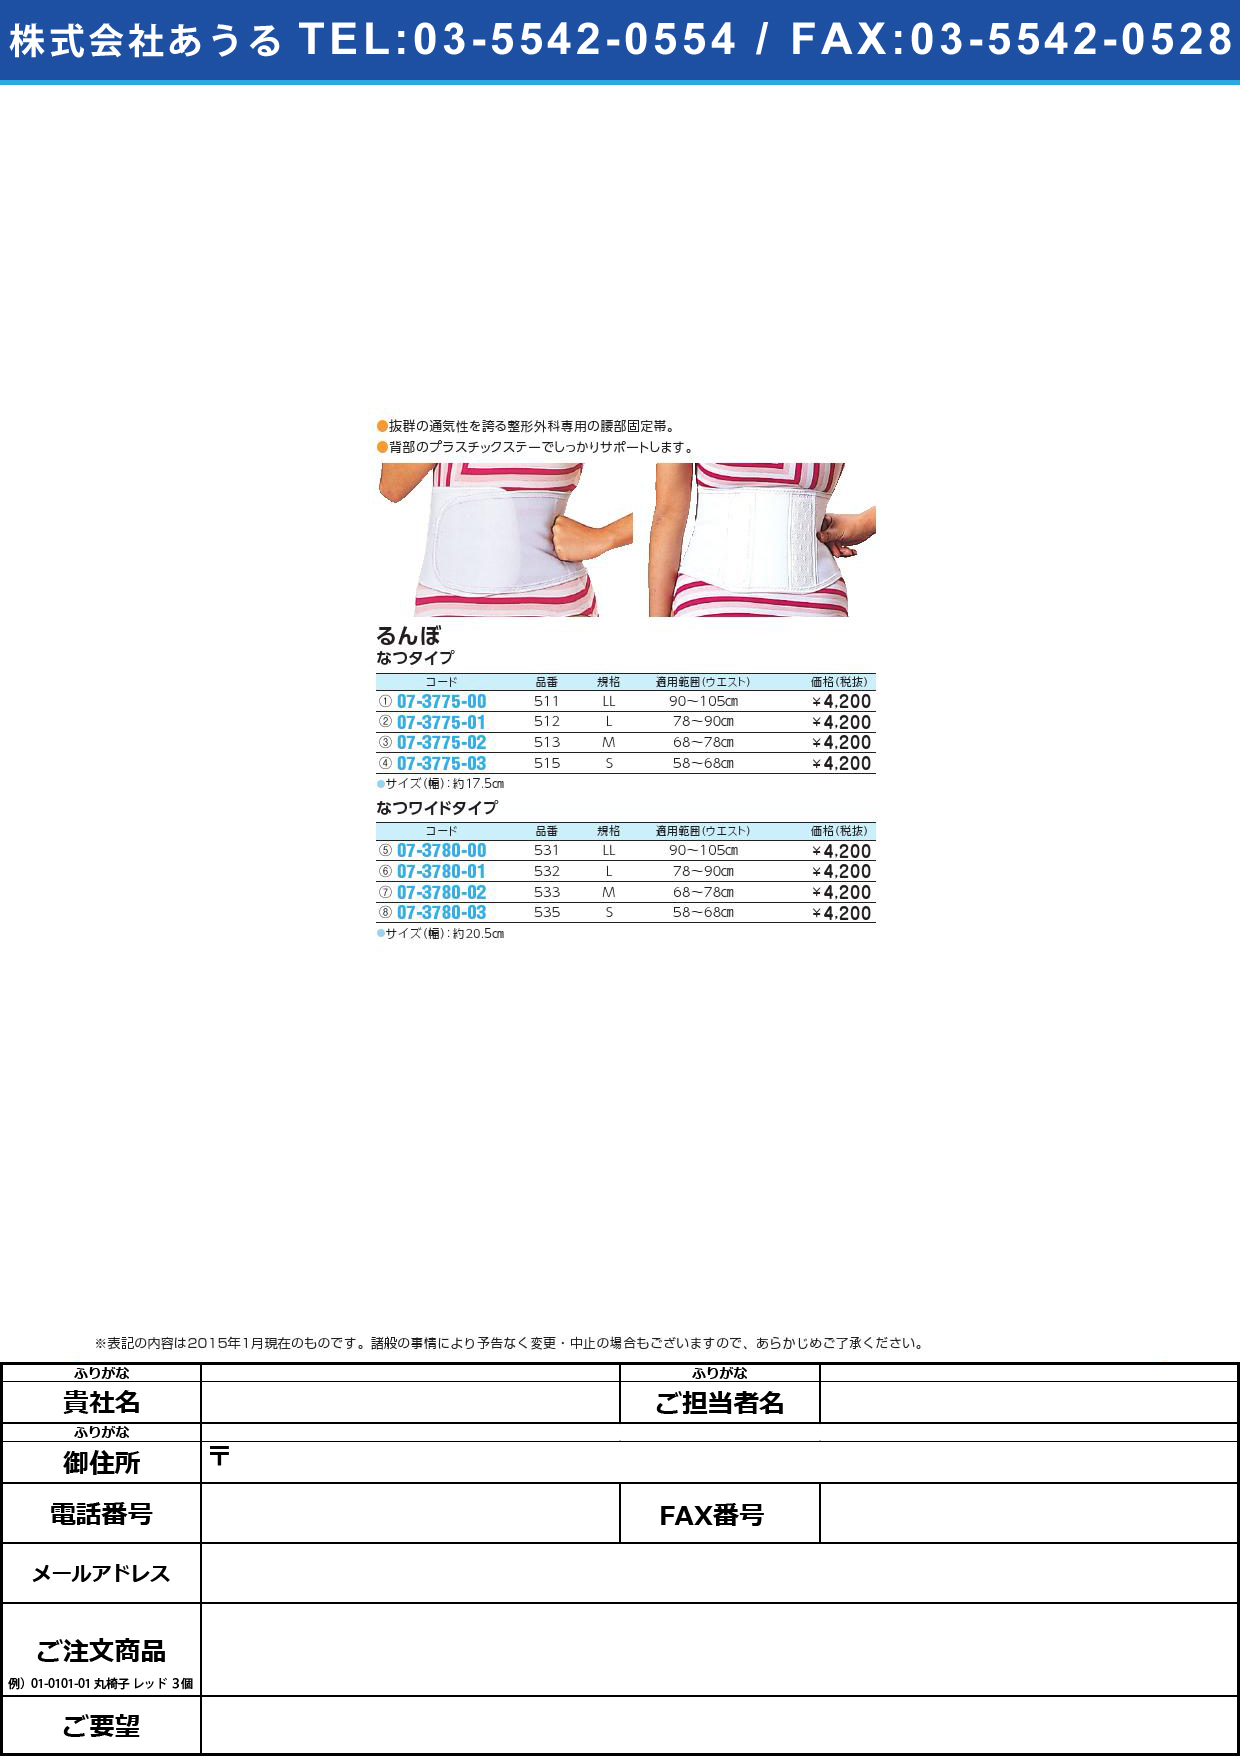 (07-3780-00)るんぼ(なつワイドタイプ)LL ルンボナツ(07-3780-00)531【1枚単位】【2015年カタログ商品】